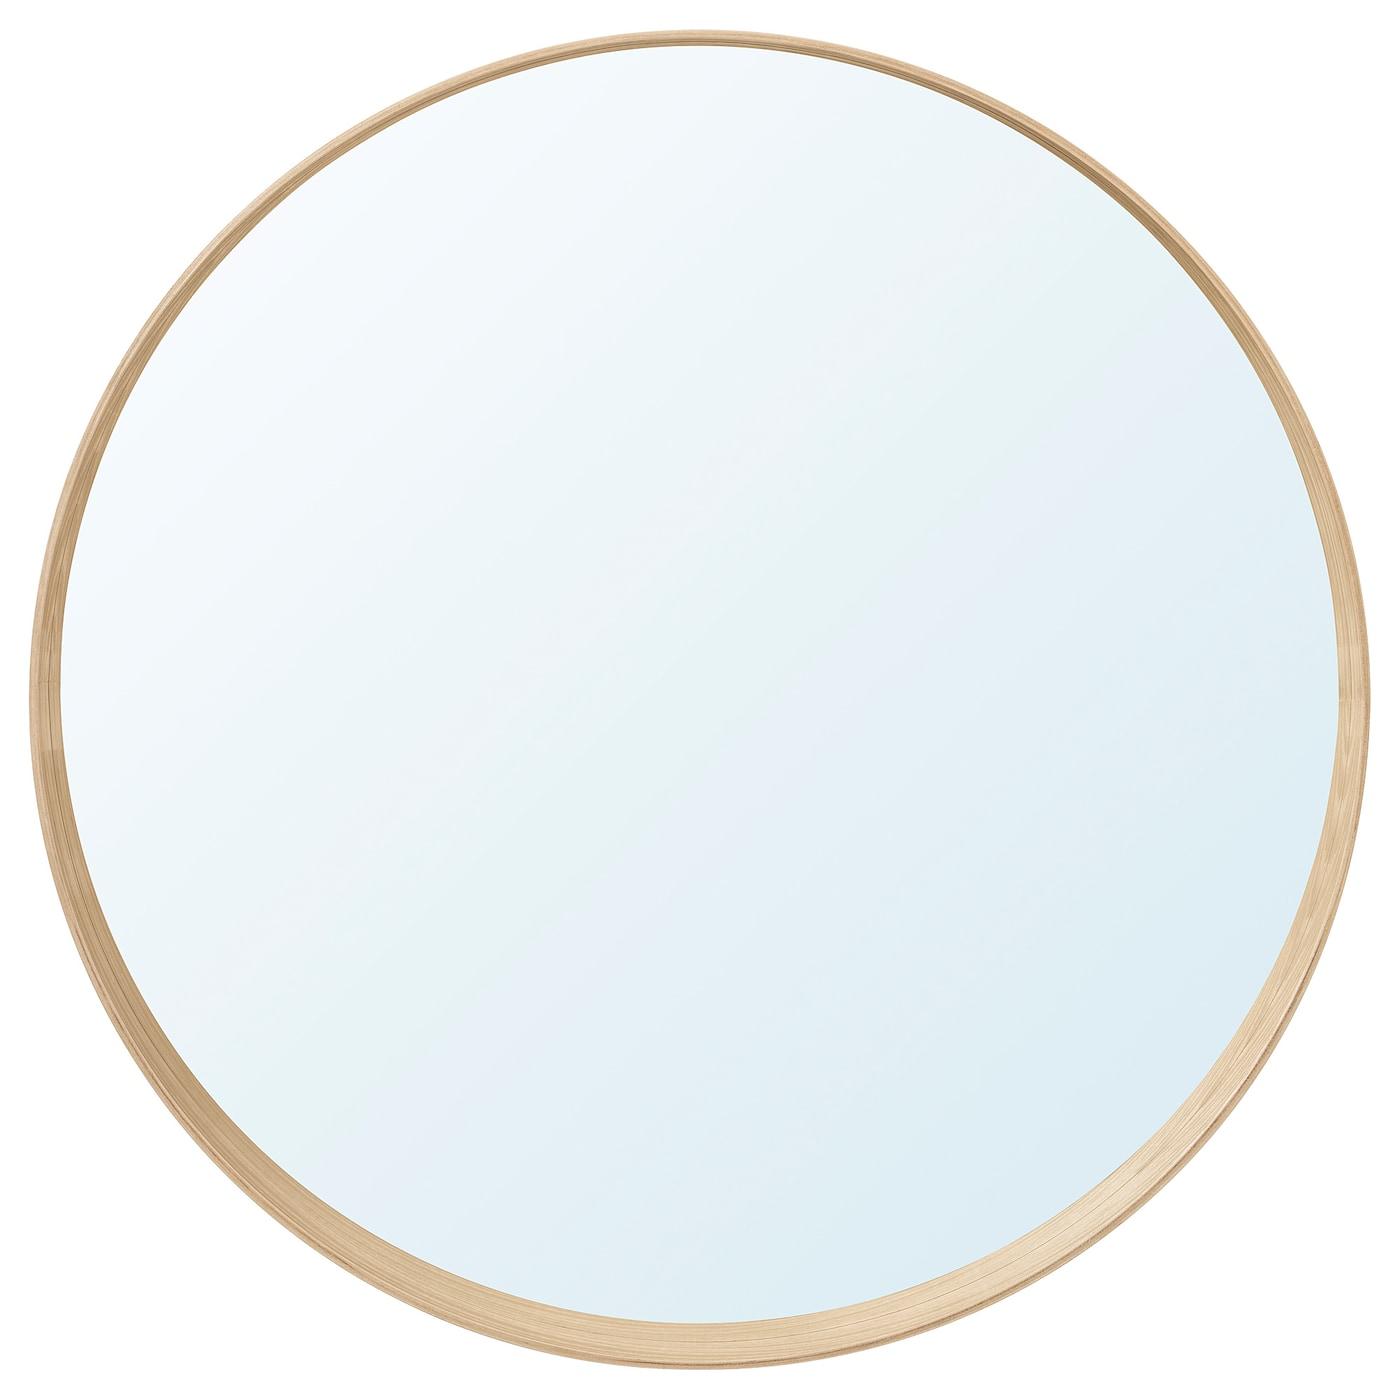 Ronde Spiegels Aanbiedingen.Stockholm Spiegel Essenfineer 80 Cm Ikea